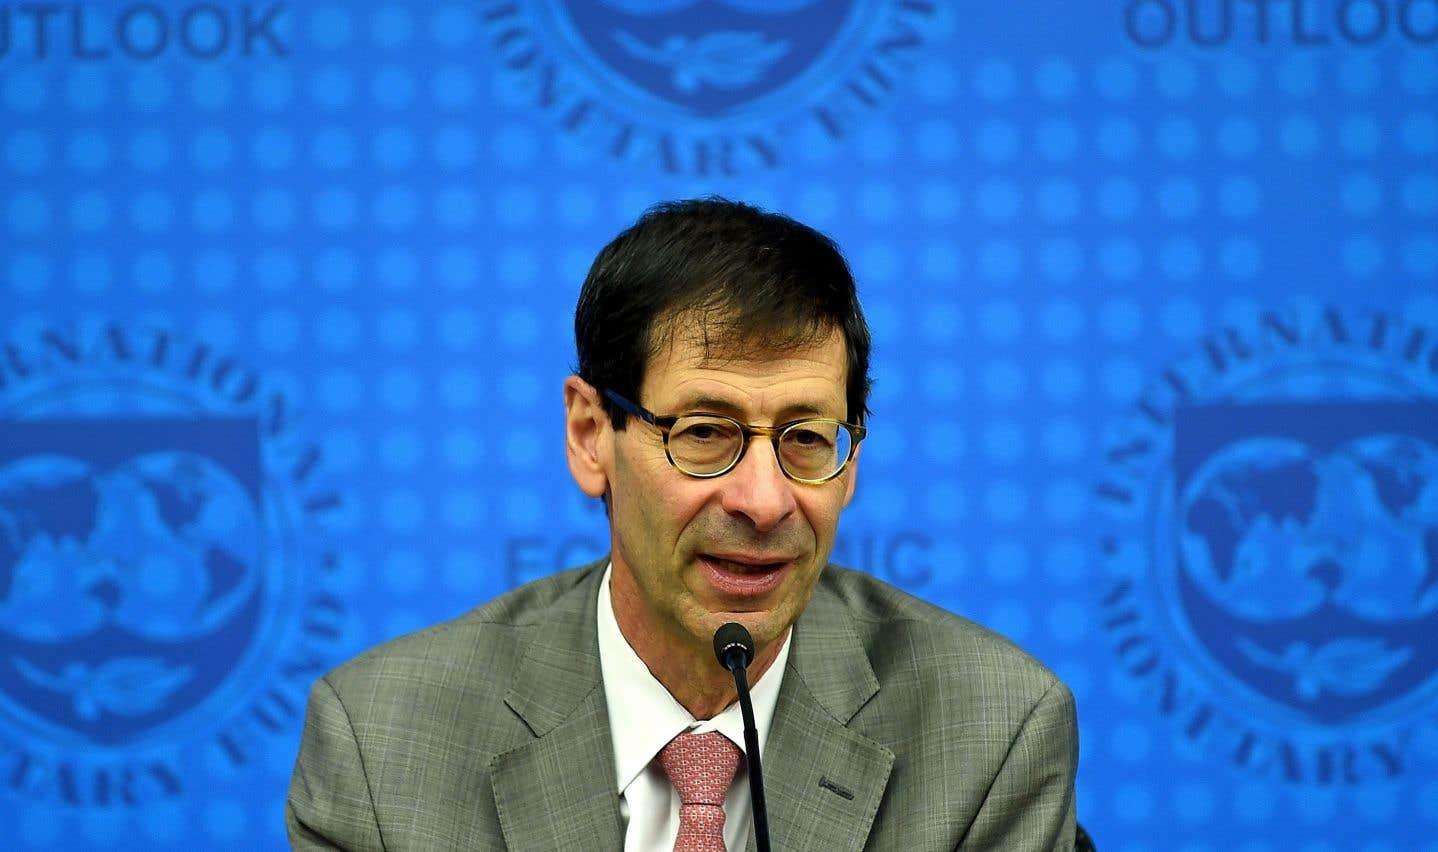 «Ces évolutions positives donnent des raisons d'être plus confiants, mais ni les politiques ni les marchés ne doivent s'en contenter», a prévenu le chef économiste du FMI, Maurice Obstfeld.